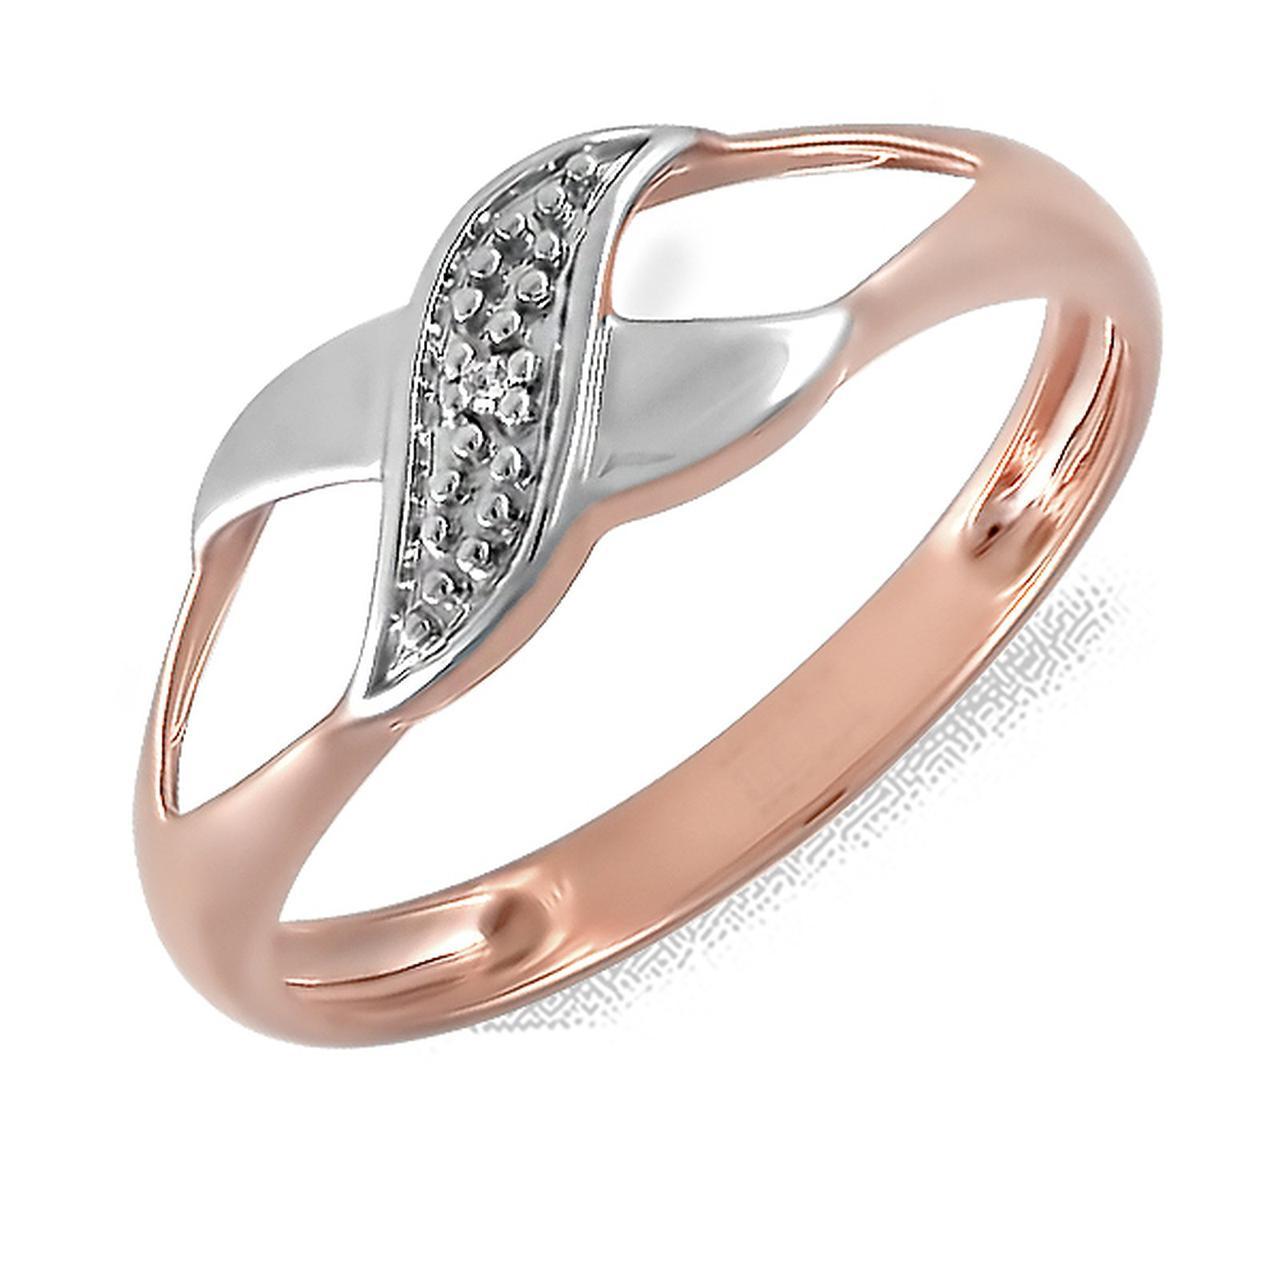 Золотое кольцо с бриллиантом, размер 16.5 (156315)